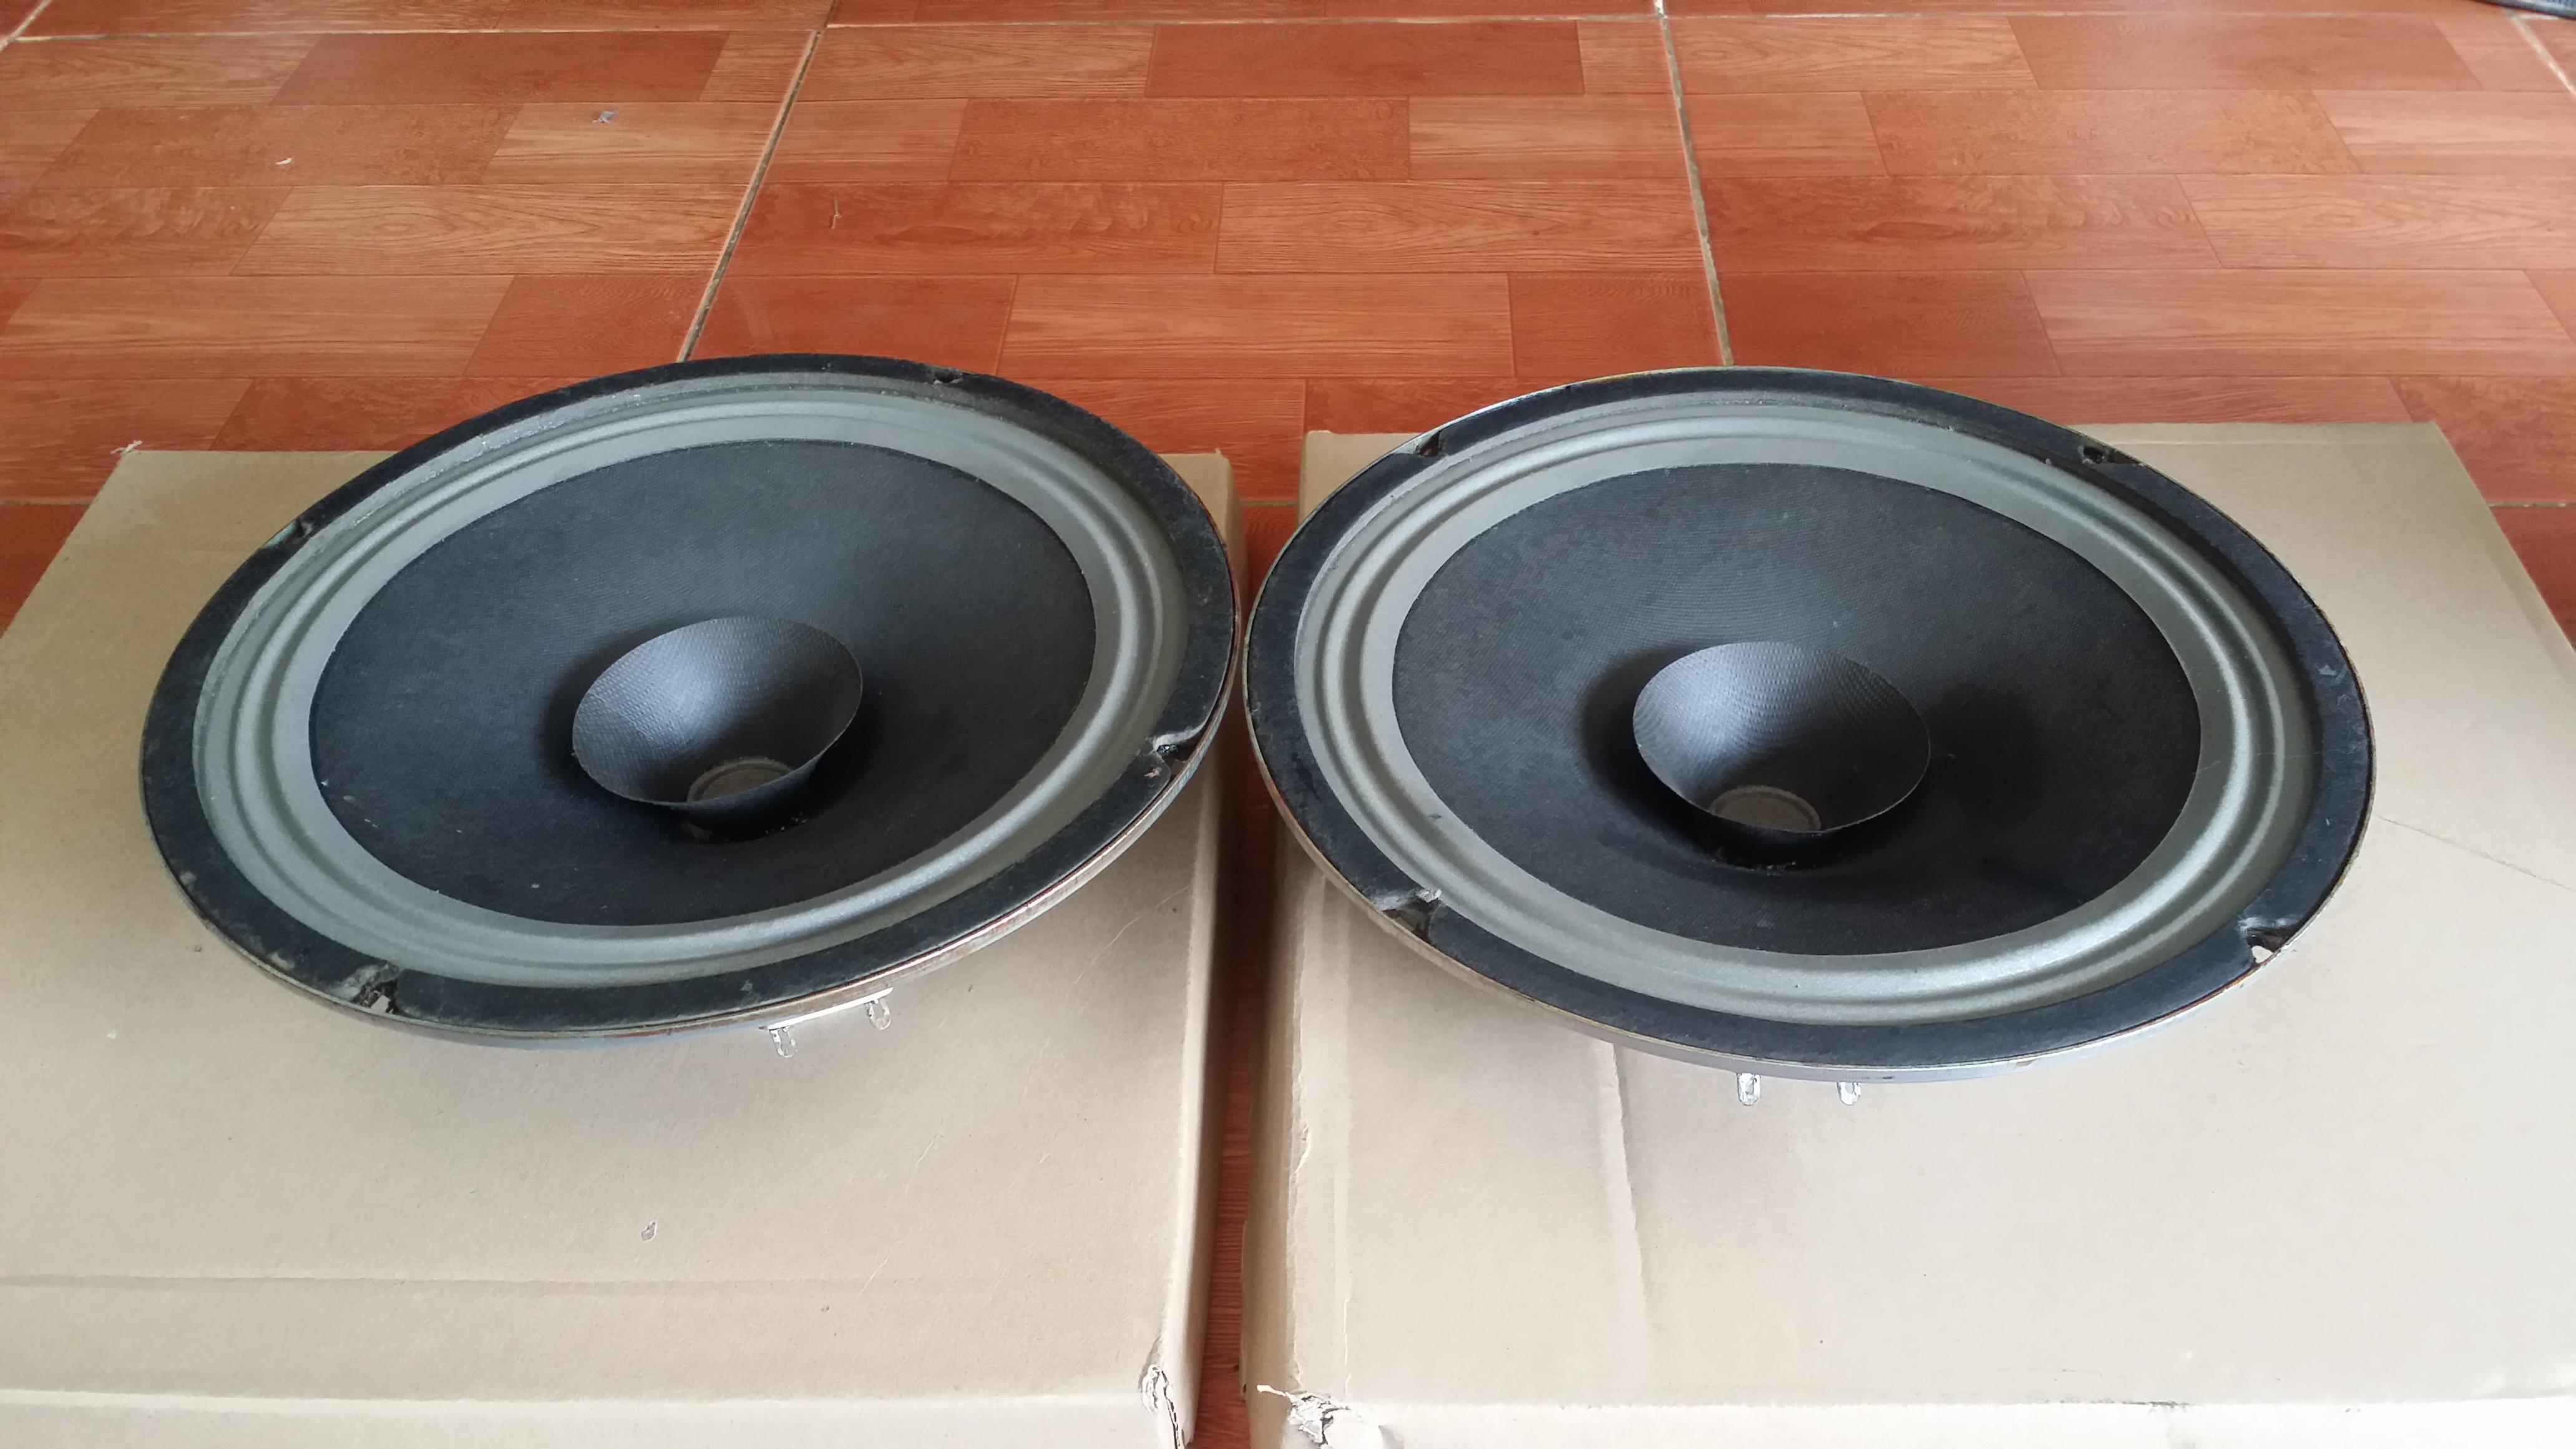 1 Loa toàn dải bass 25cm ampli magnavox streo 500 của hãng Philips giá 9tr